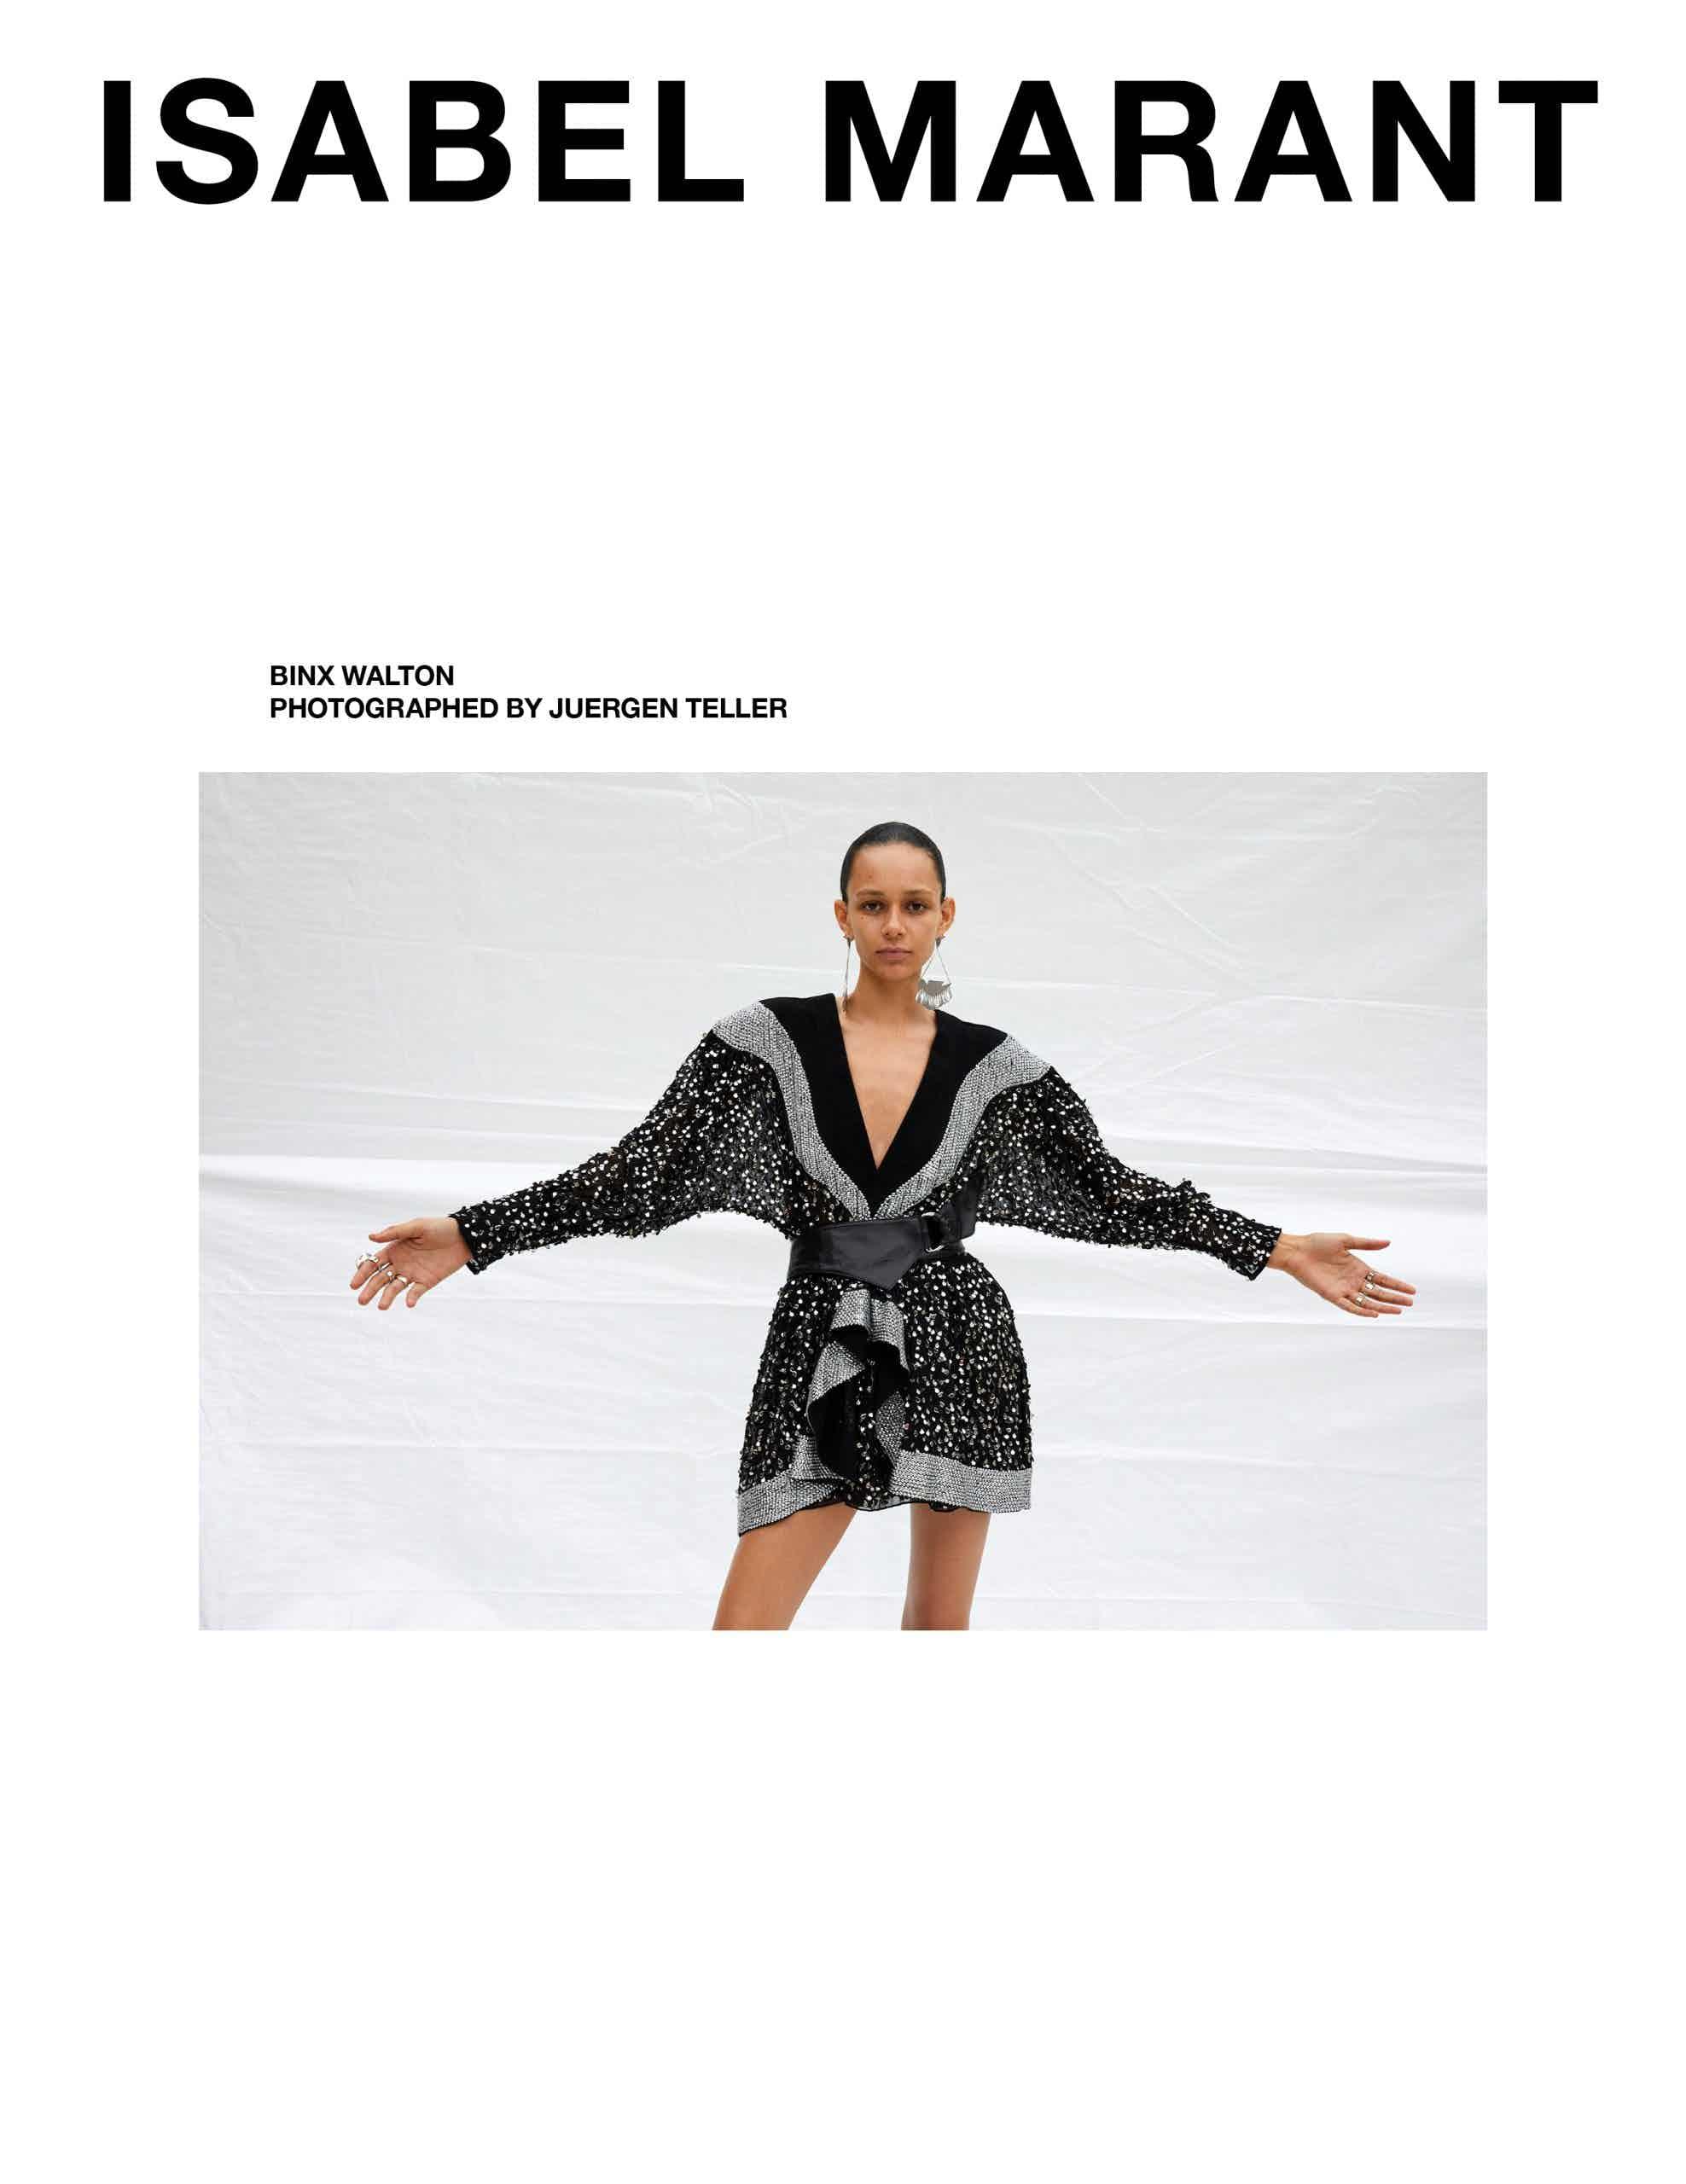 ISABEL MARANT - AW 2019 Photographer: Juergen Teller Model: Anna Ewers, Cara Tylor, Binx, Parker Van Noord Stylist: Geraldine Saglio Location: Paris